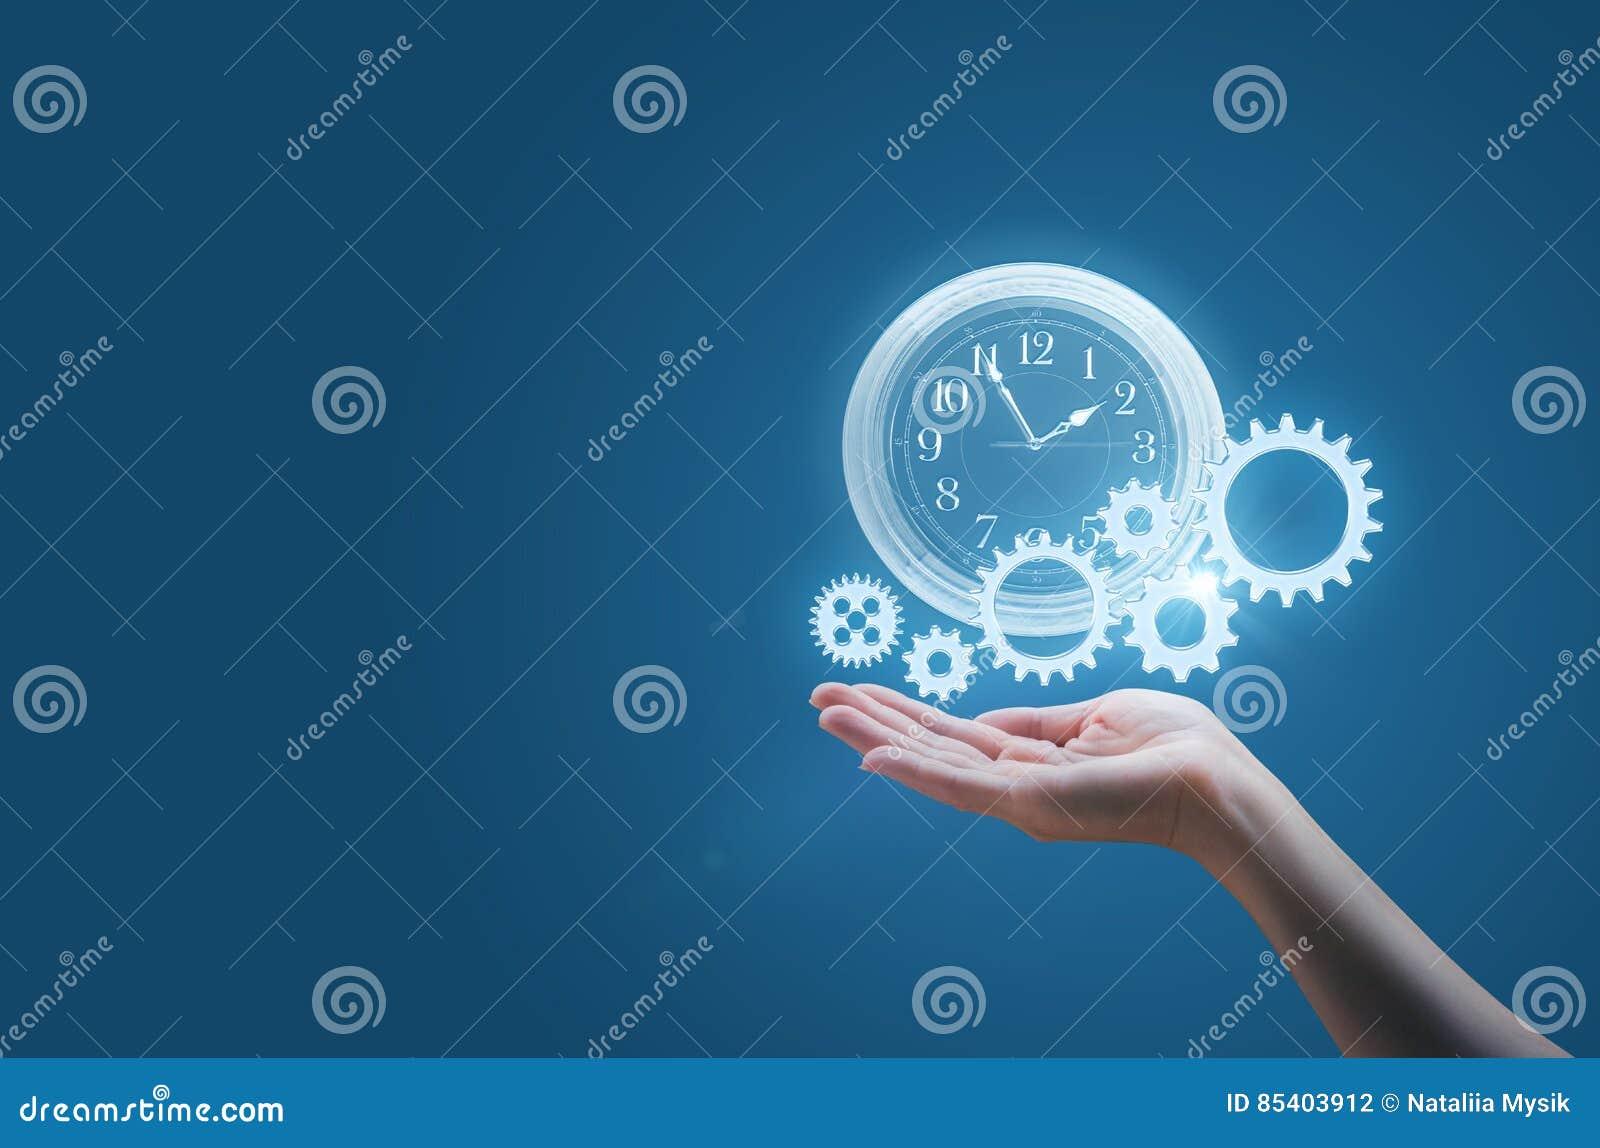 La mujer de negocios en la palma de su mano vigila y los engranajes simbolizan el proceso de un negocio acertado